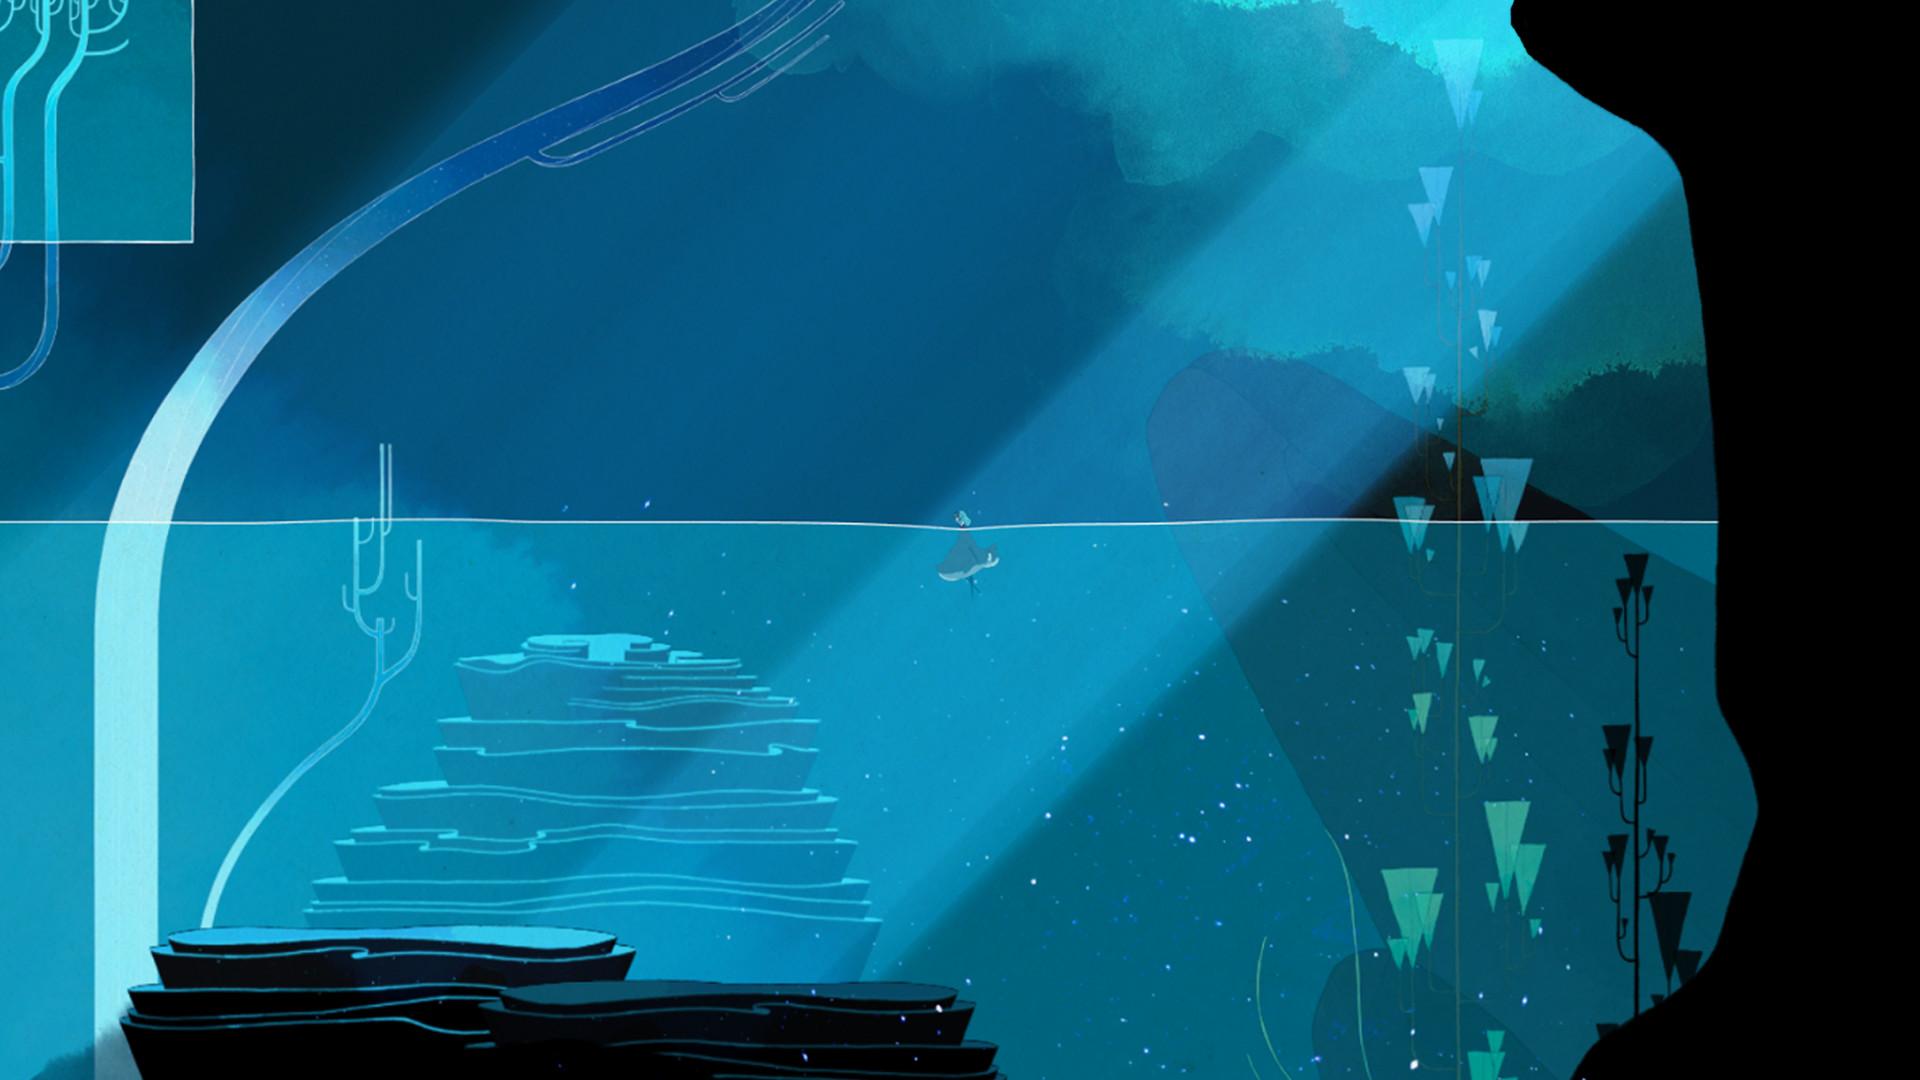 腾讯宣布代理《Gris》手游版 译名《格莉斯的旅程》